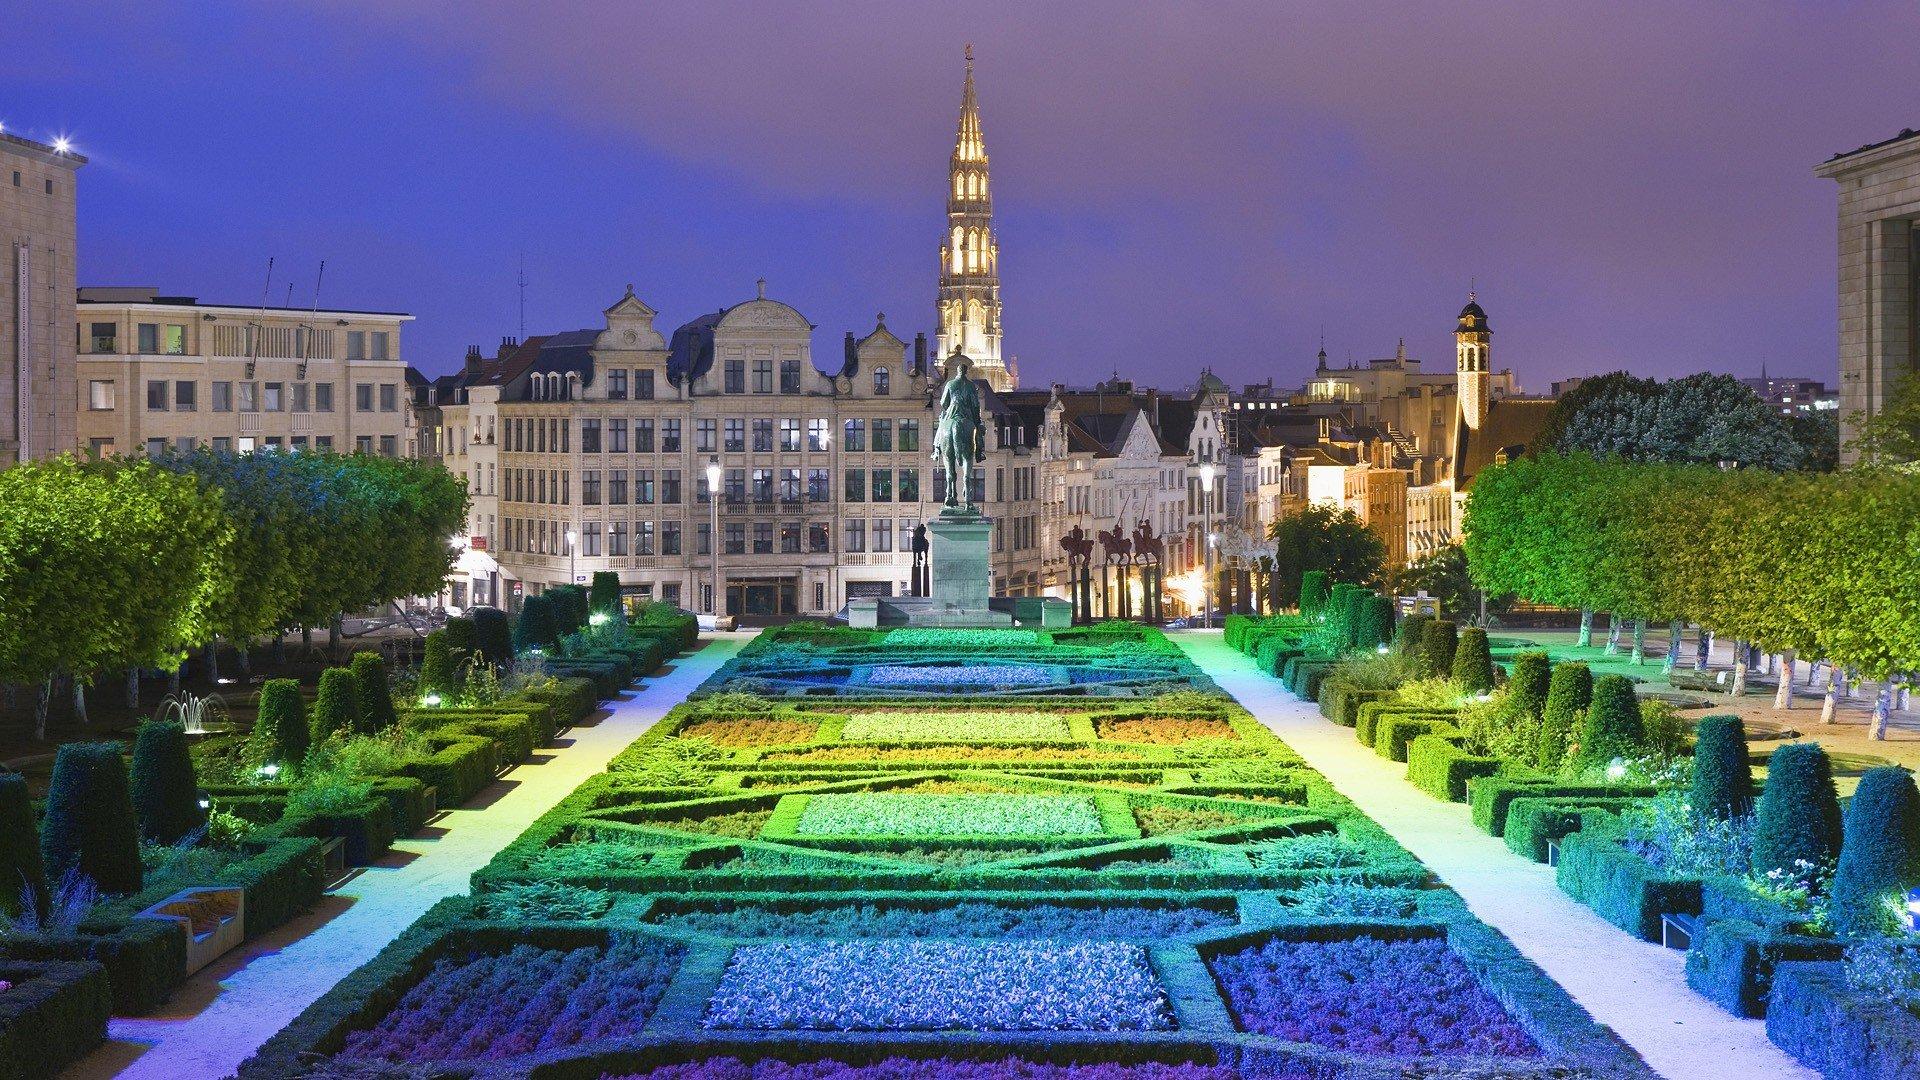 Fond d\'écran : 1920x1080 px, architecture, la Belgique, Bruxelles ...